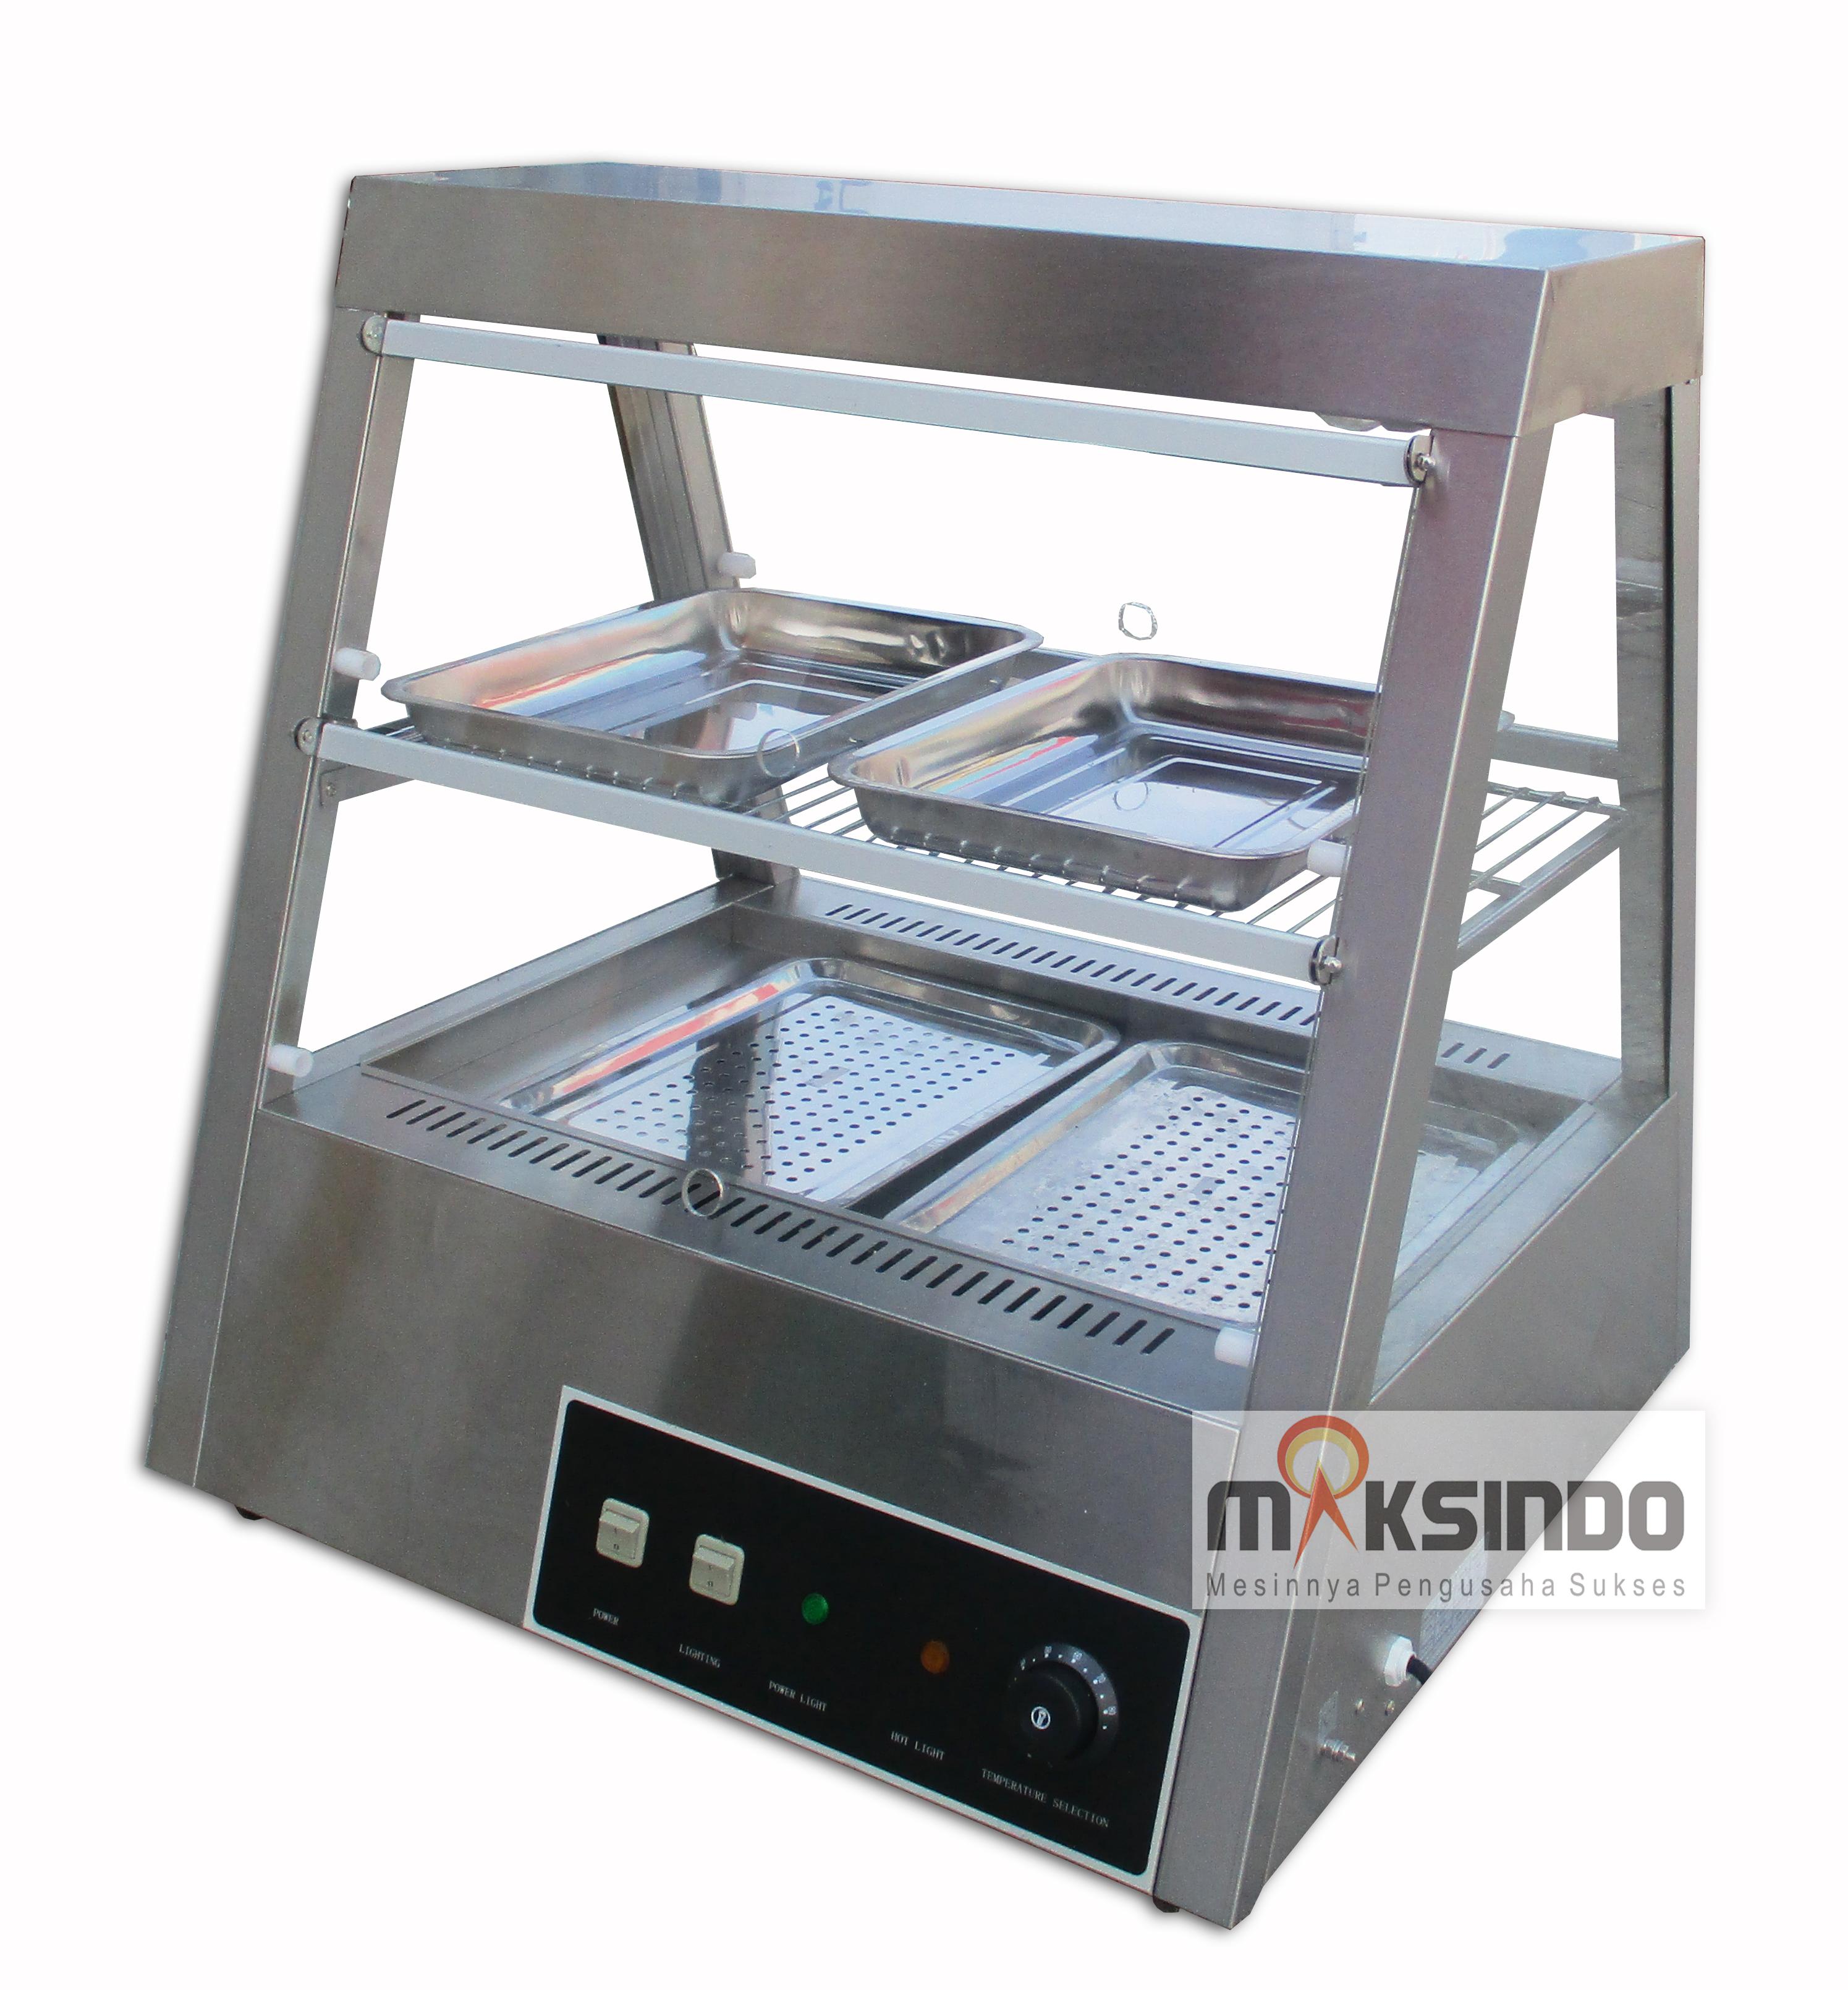 Jual Mesin Food Warmer Kue (MKS-DW77) di Tangerang